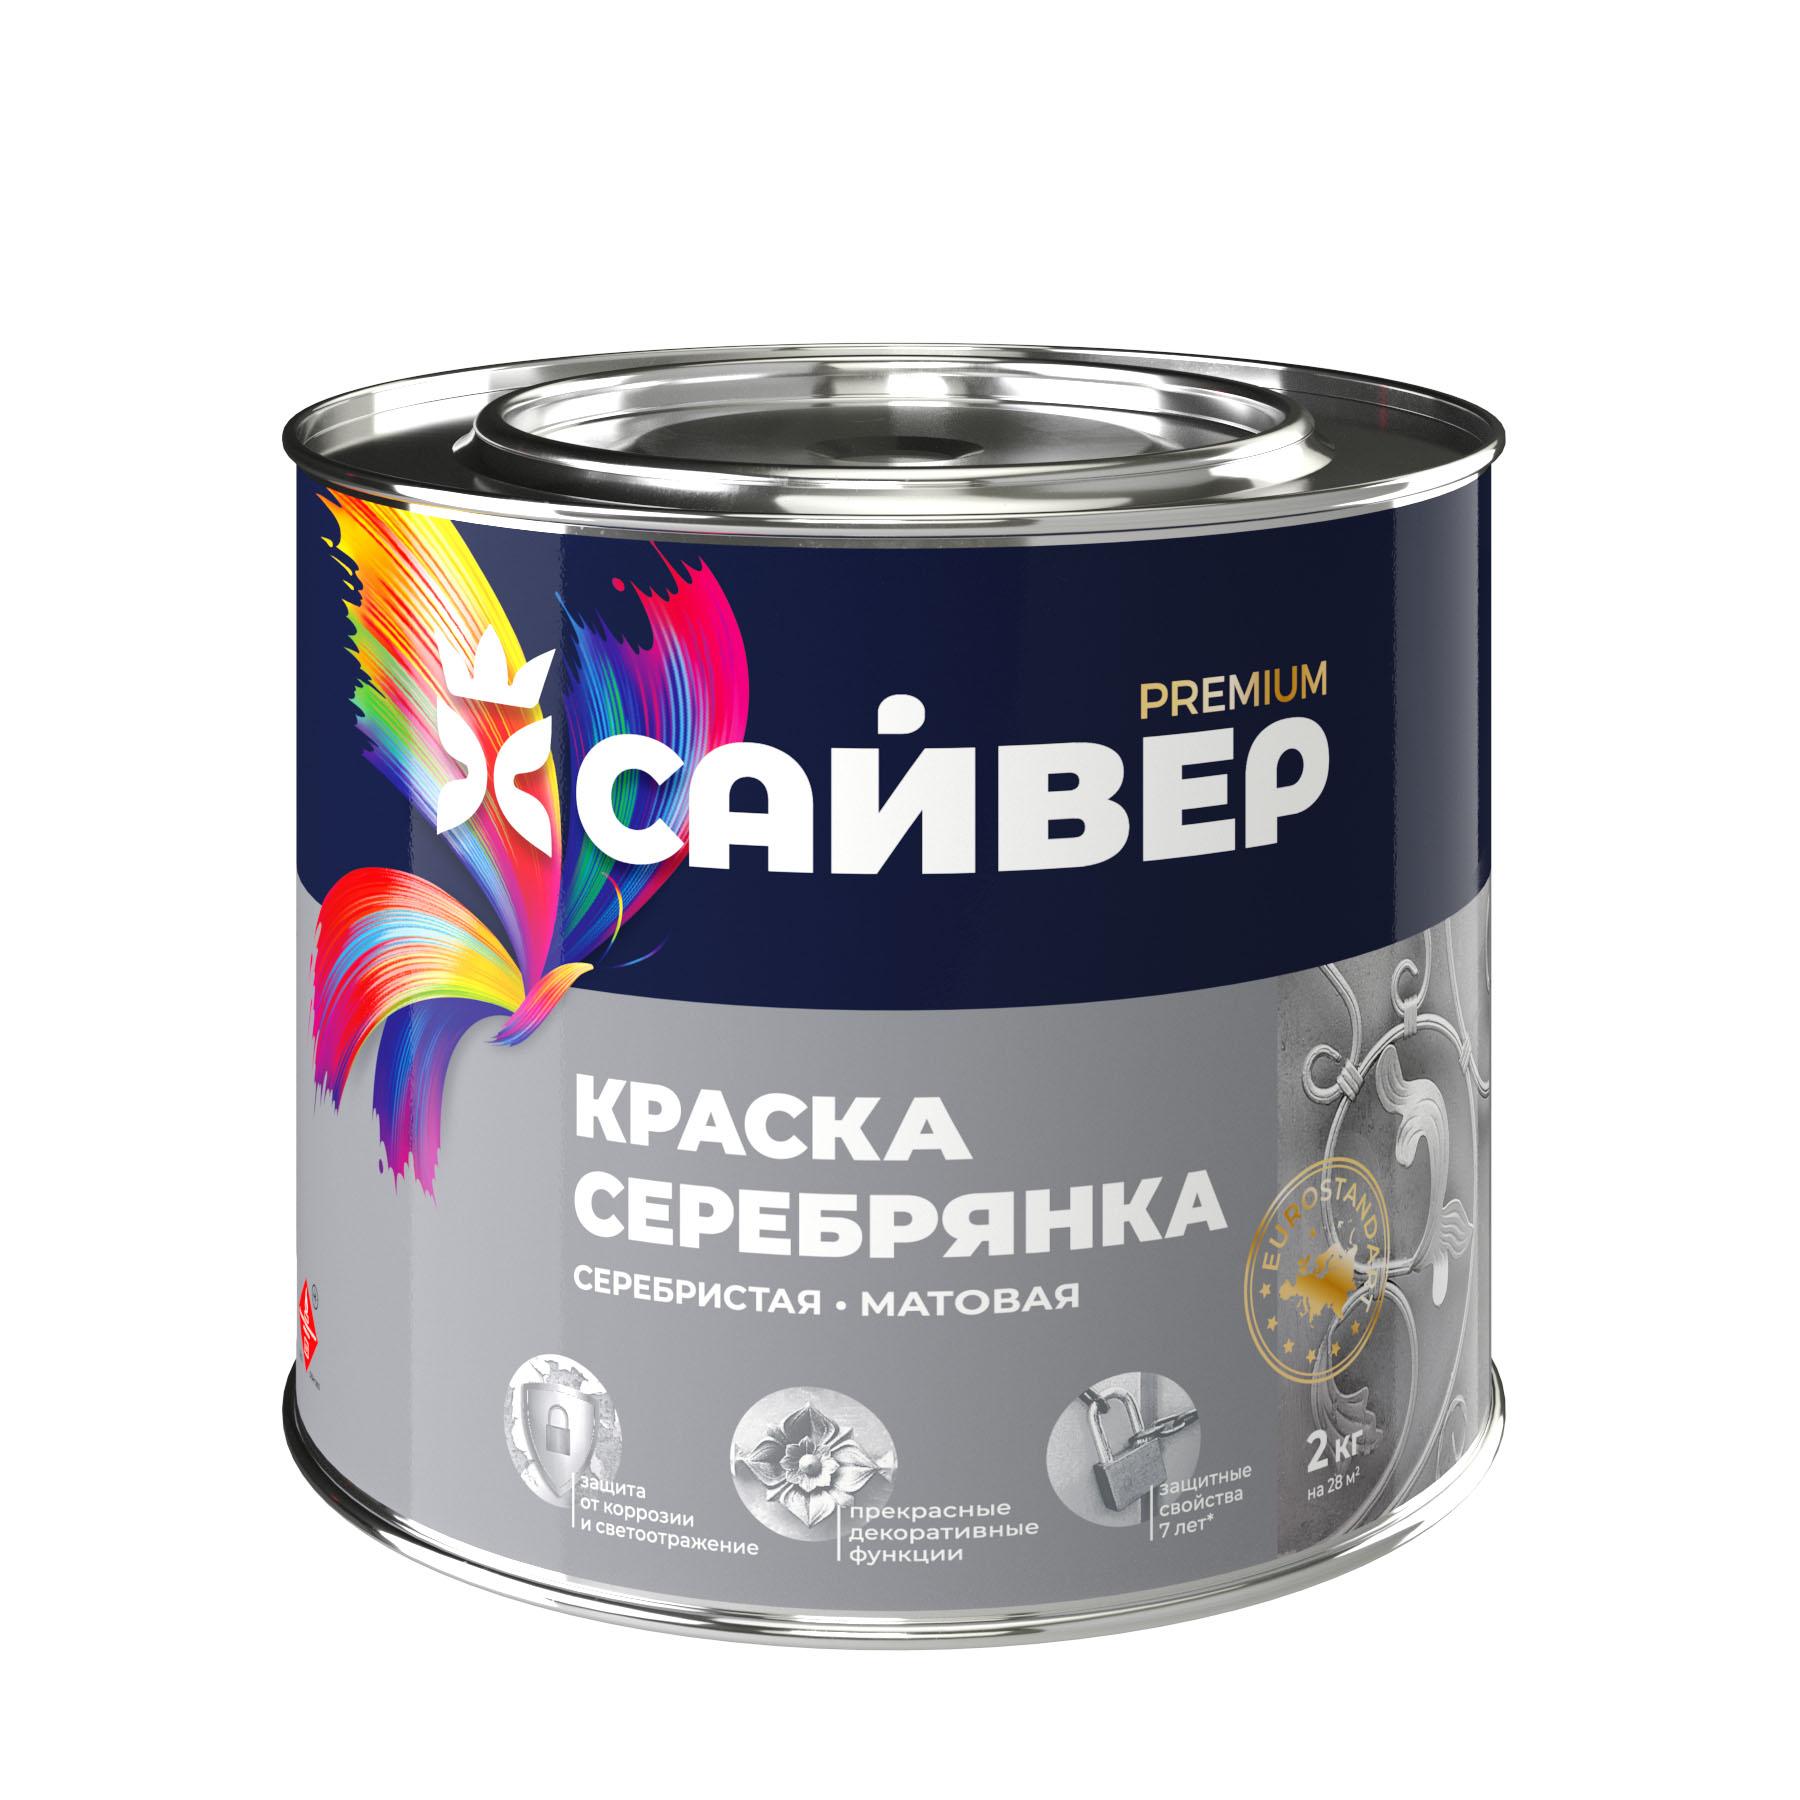 Серебрянка Сайвер алкидная 1 л - фото